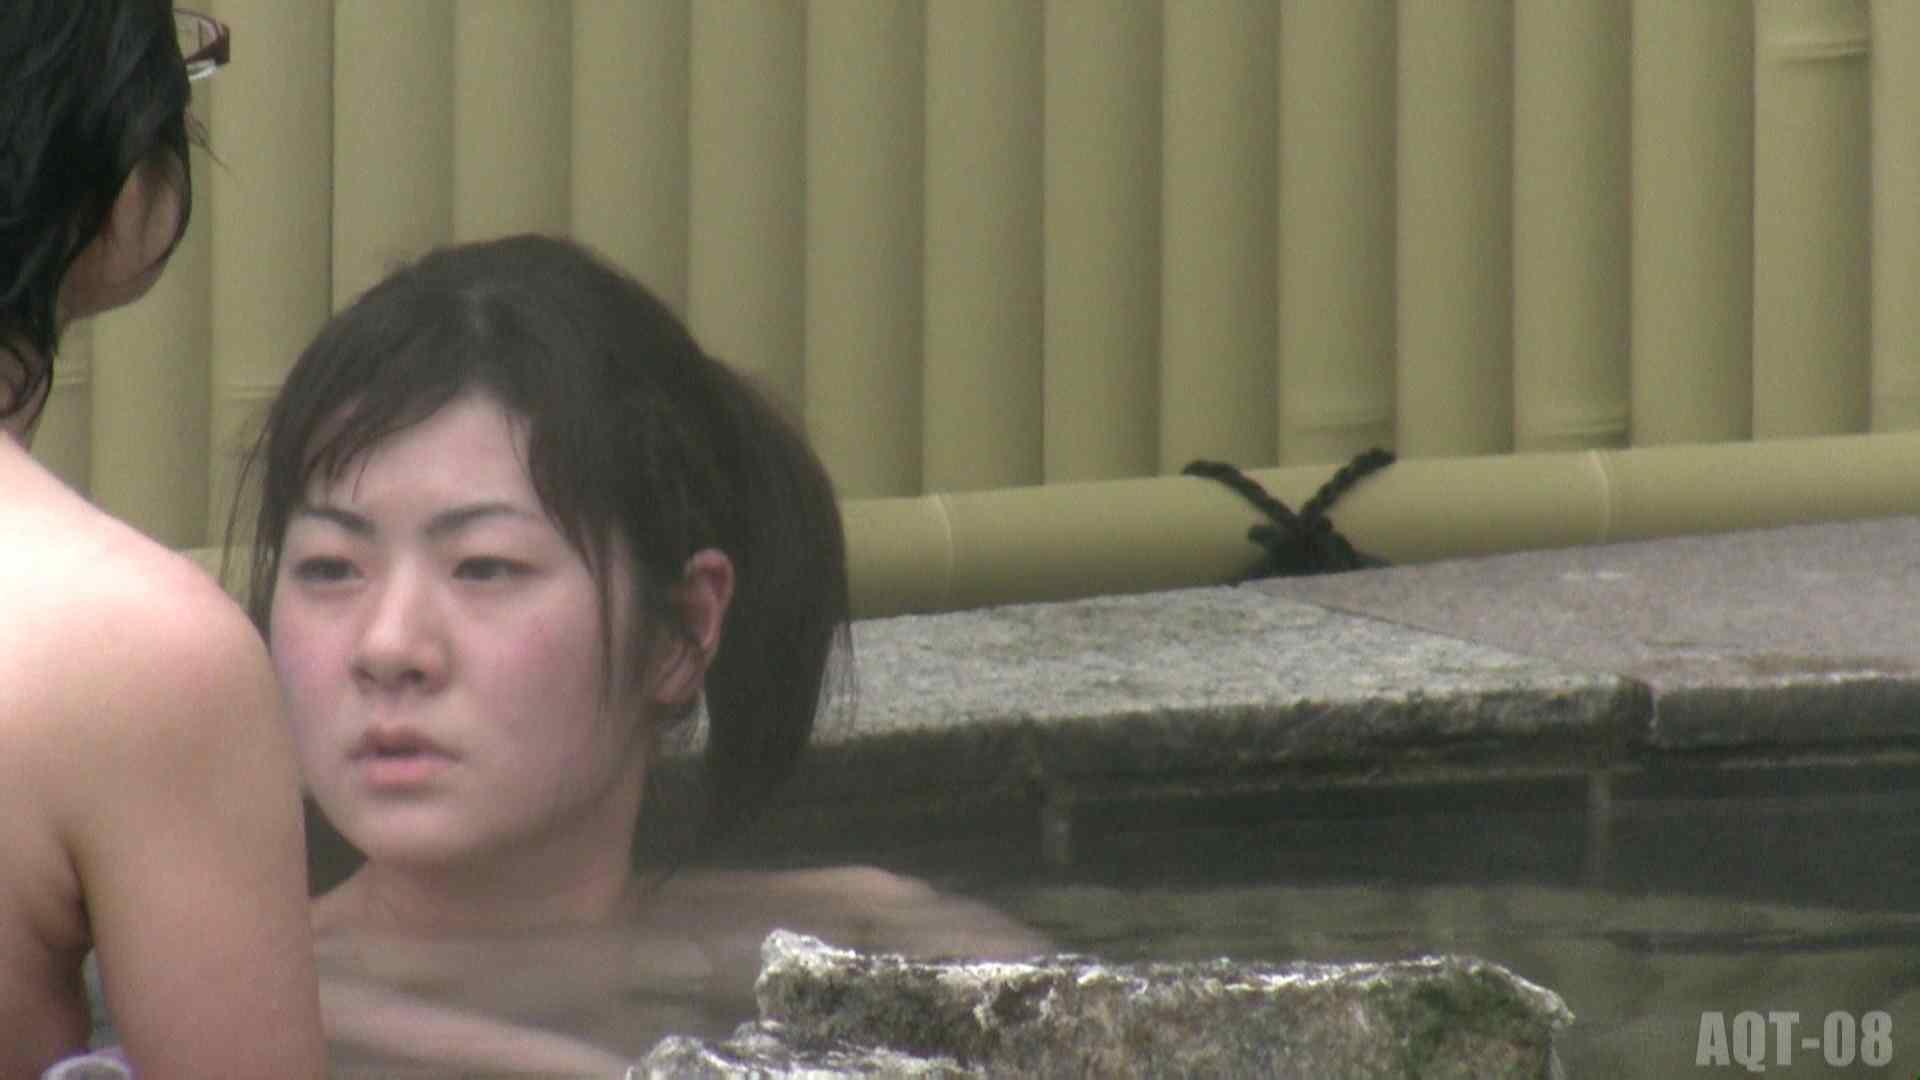 Aquaな露天風呂Vol.774 エッチな盗撮 ワレメ動画紹介 83pic 31